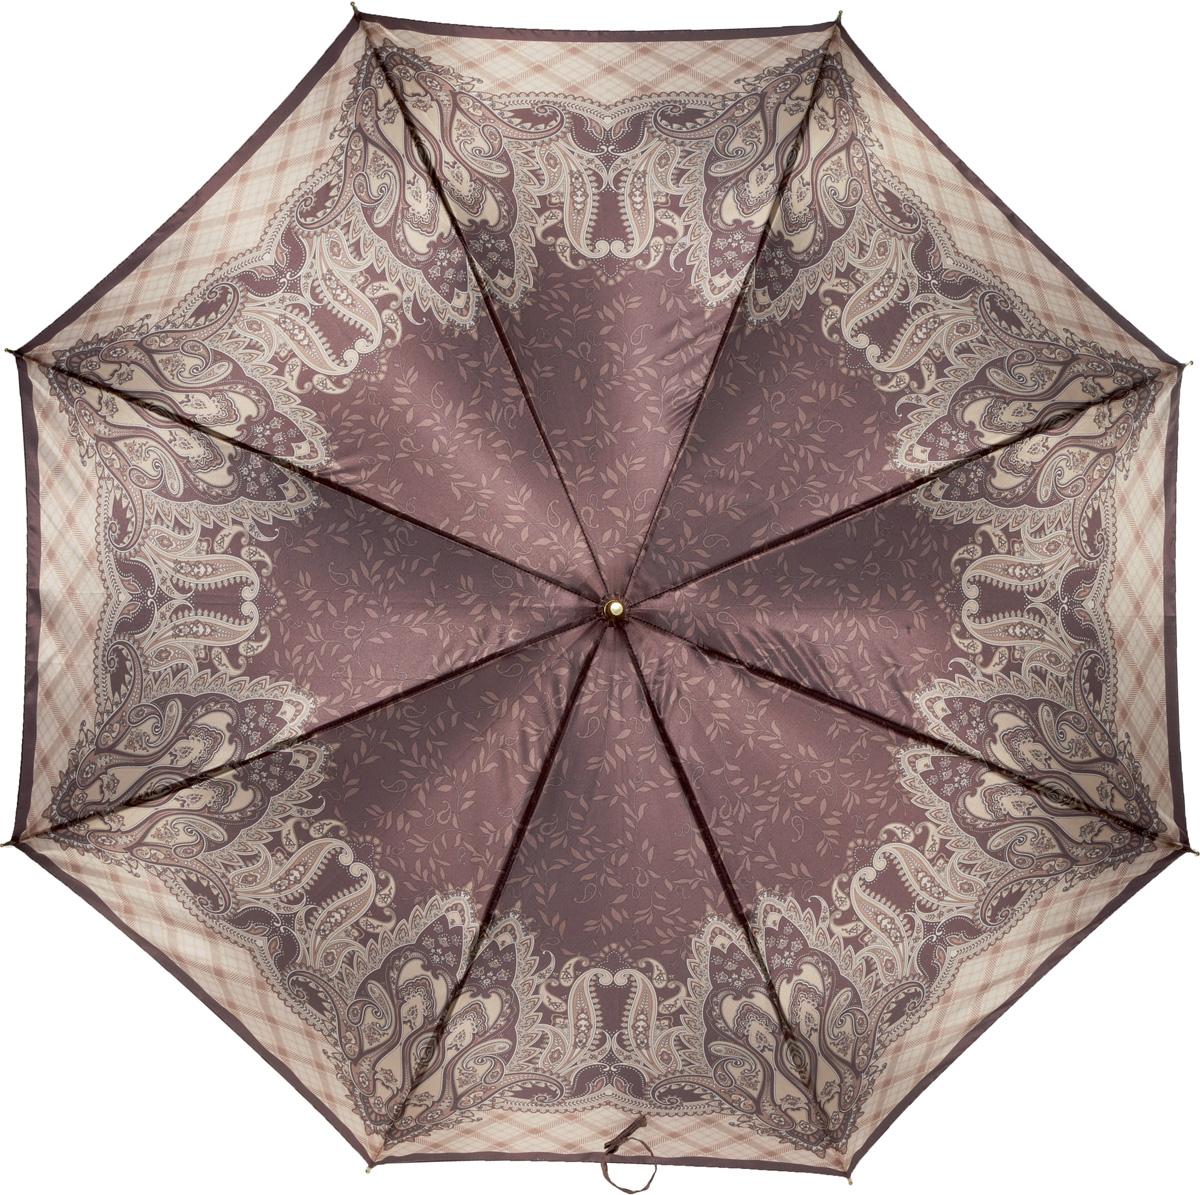 Зонт-трость женский Fabretti, механика, цвет: мультиколор. 16098L035081M/35449/2900NЖенский зонт-трость от итальянского бренда Fabretti. Конструкция модели - механика. Эксклюзивный дизайнерский принт зонта сделает вас неотразимыми в любую непогоду. Материал купола - полиэстер. Он невероятно изящен, приятен на ощупь, обладает высокой прочностью, а также устойчив к выцветанию. Эргономичная ручка сделана из высококачественного пластика.